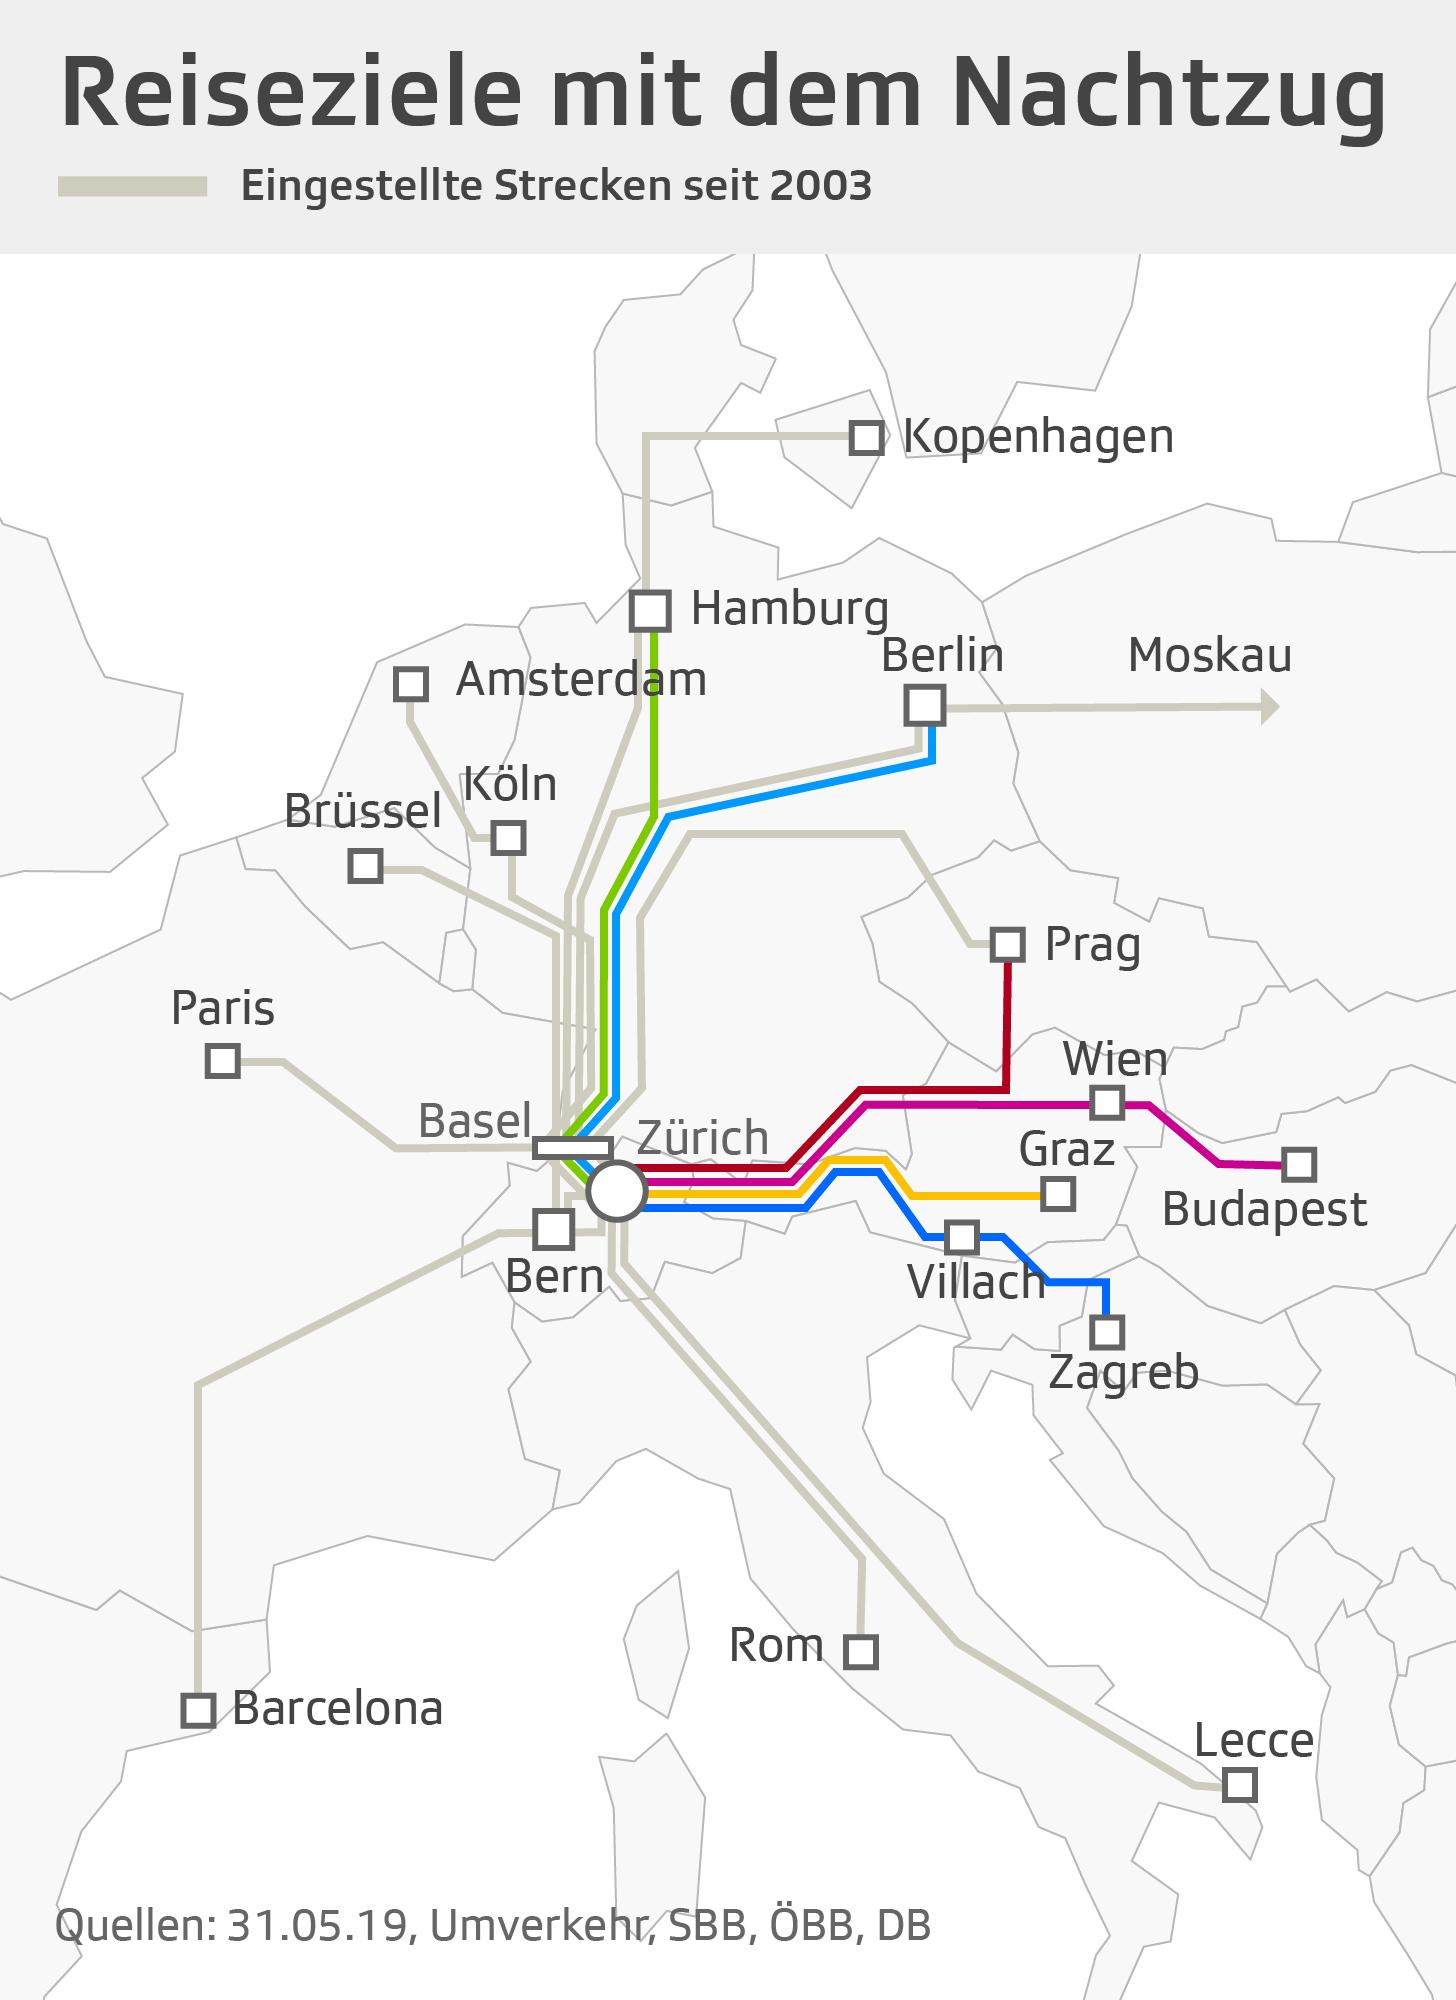 Ehemalige und aktuelle Nachtzug-Strecken von der Schweiz aus